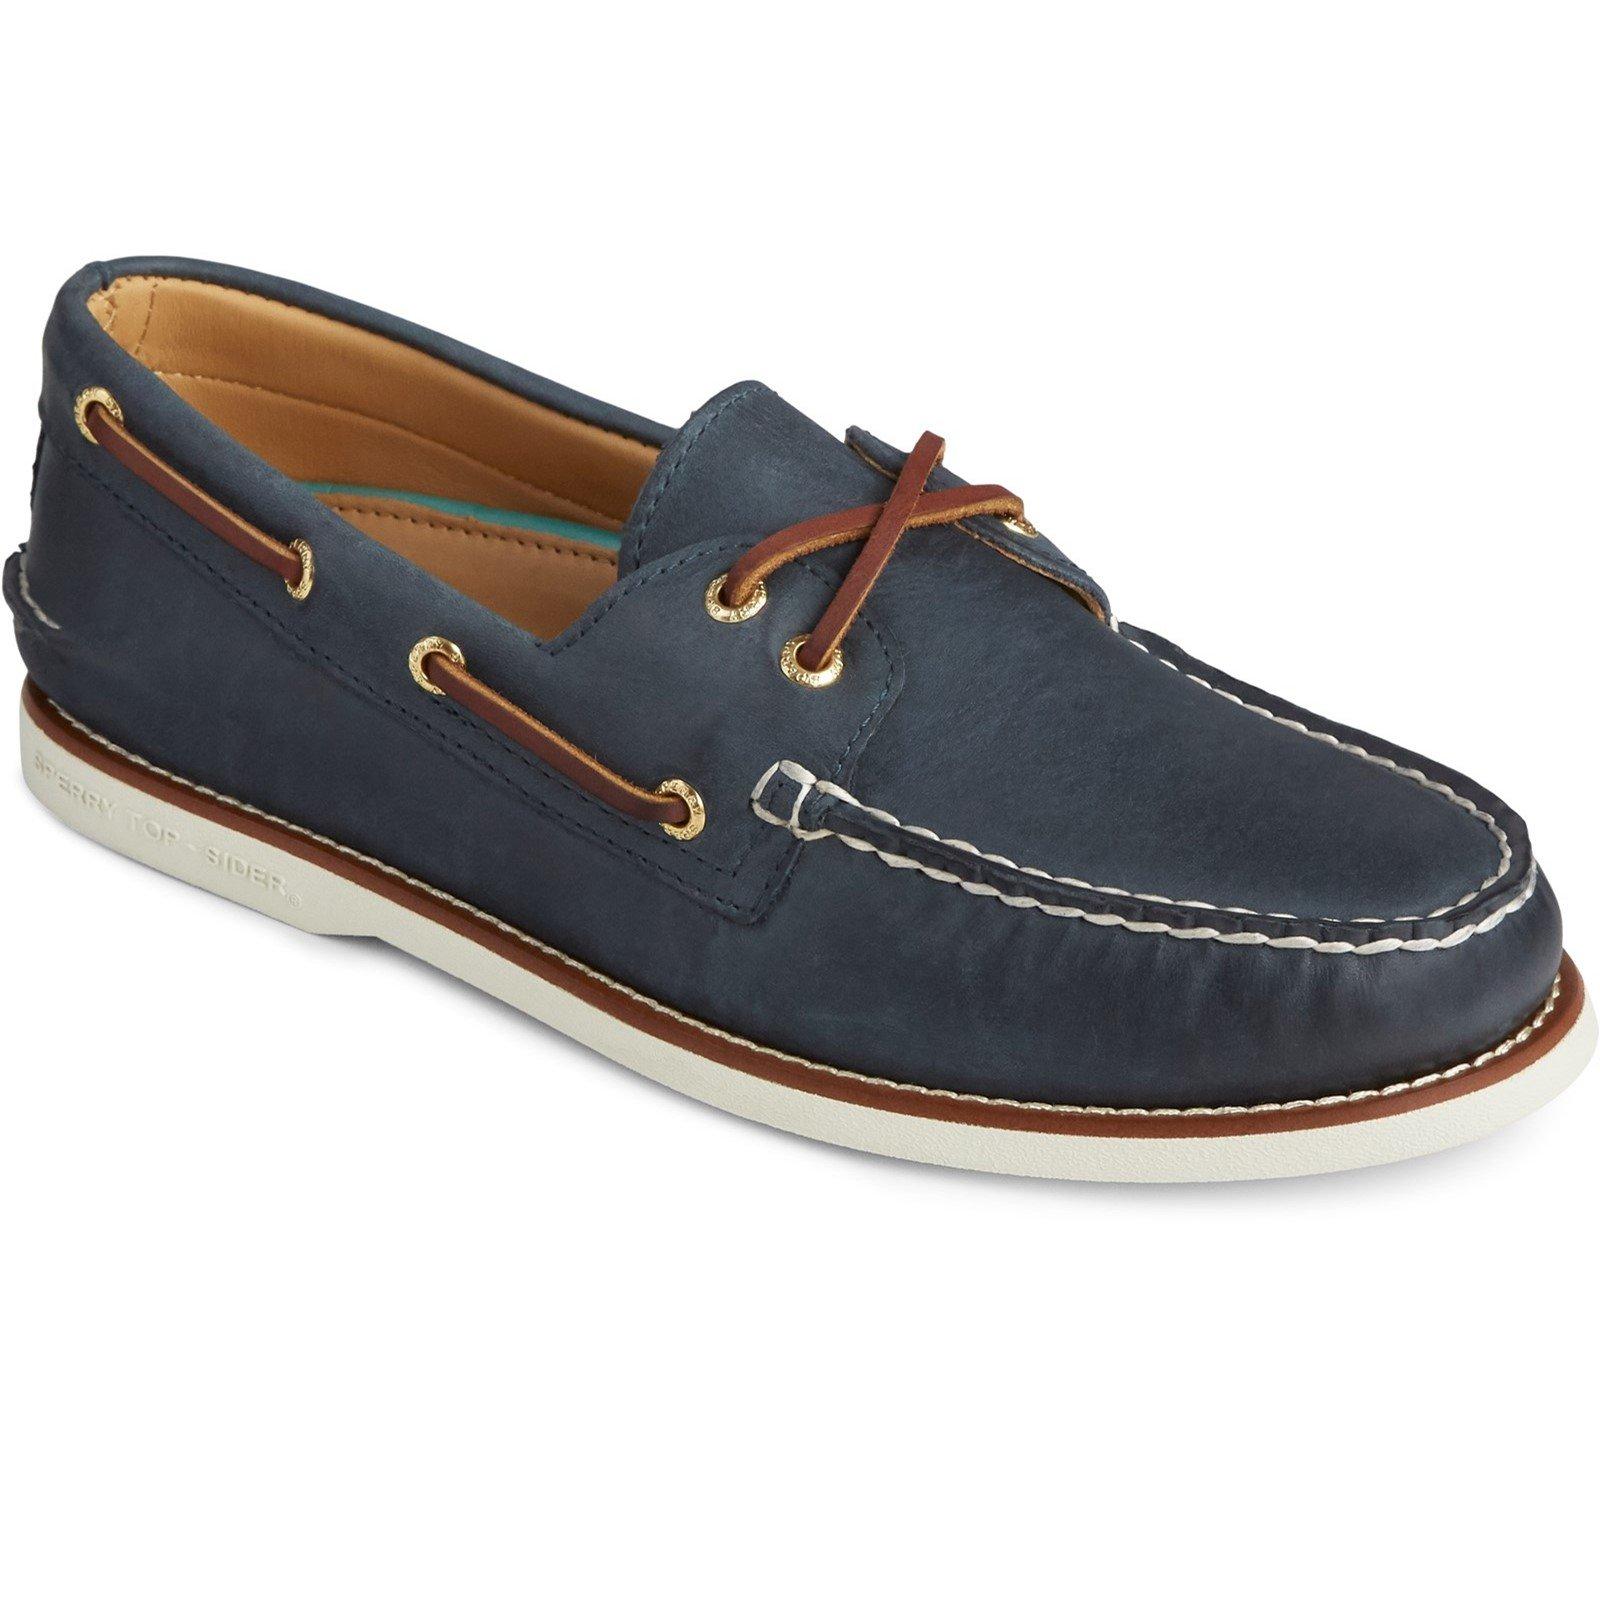 Sperry Men's Cup Authentic Original Boat Shoe Various Colours 31735 - Navy 11